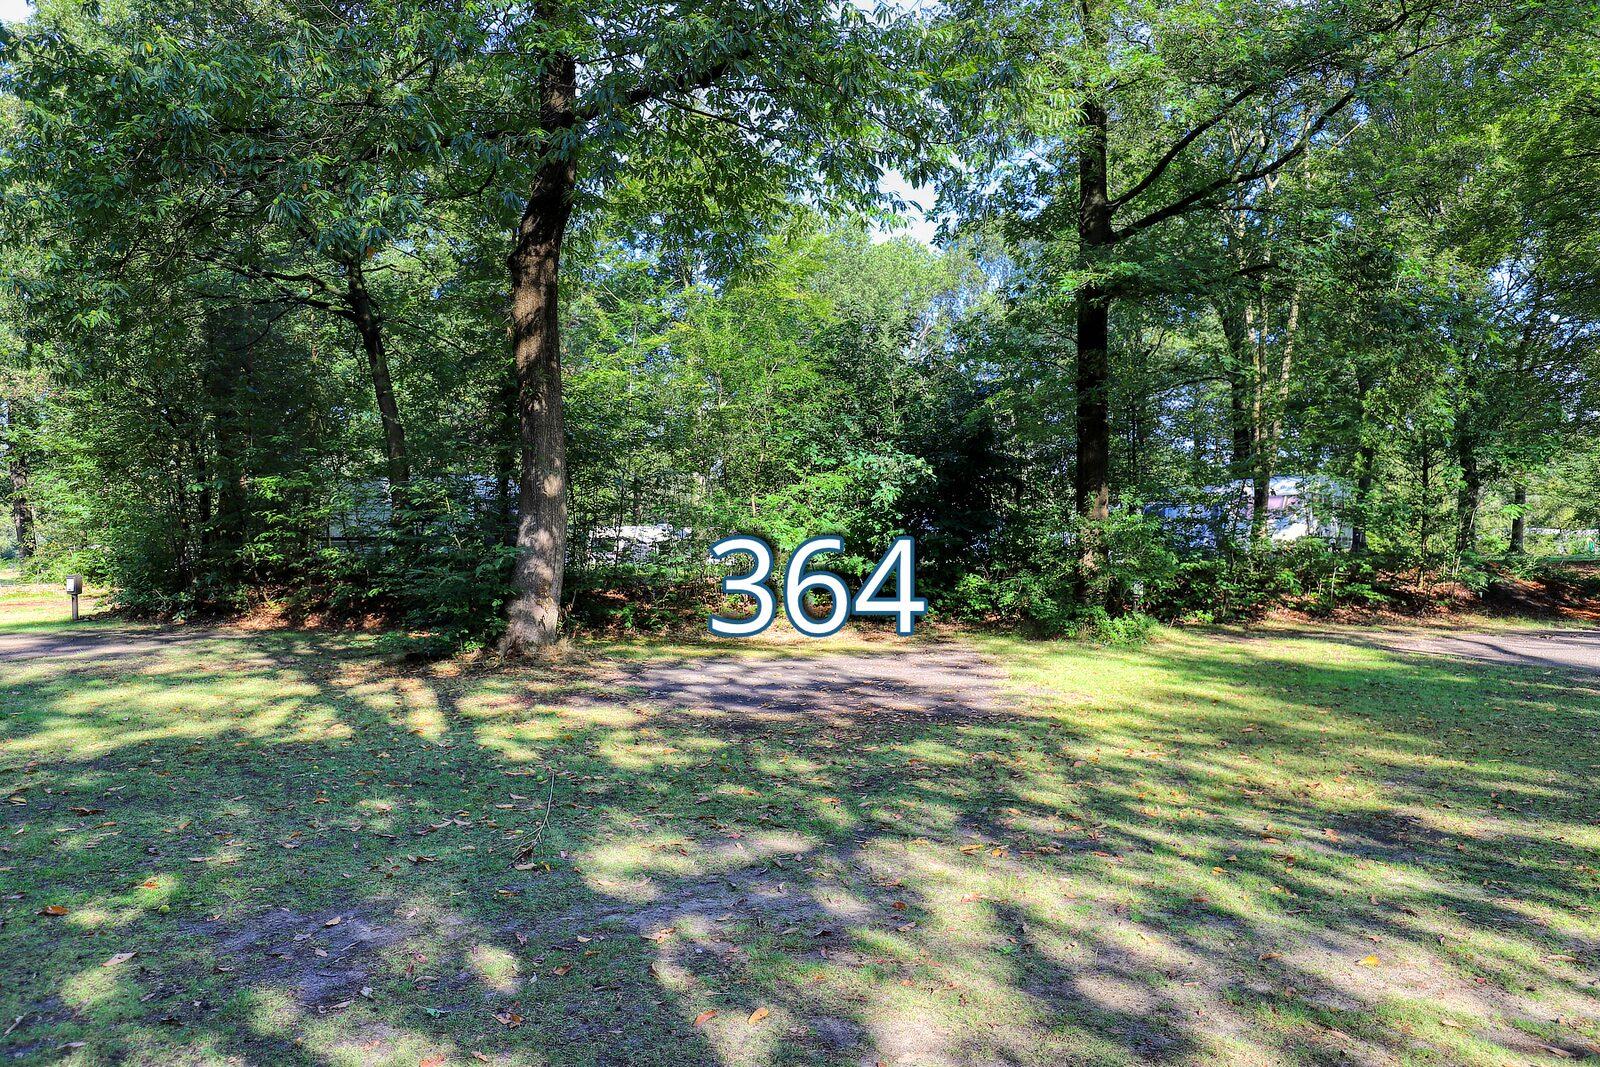 houtduif 364